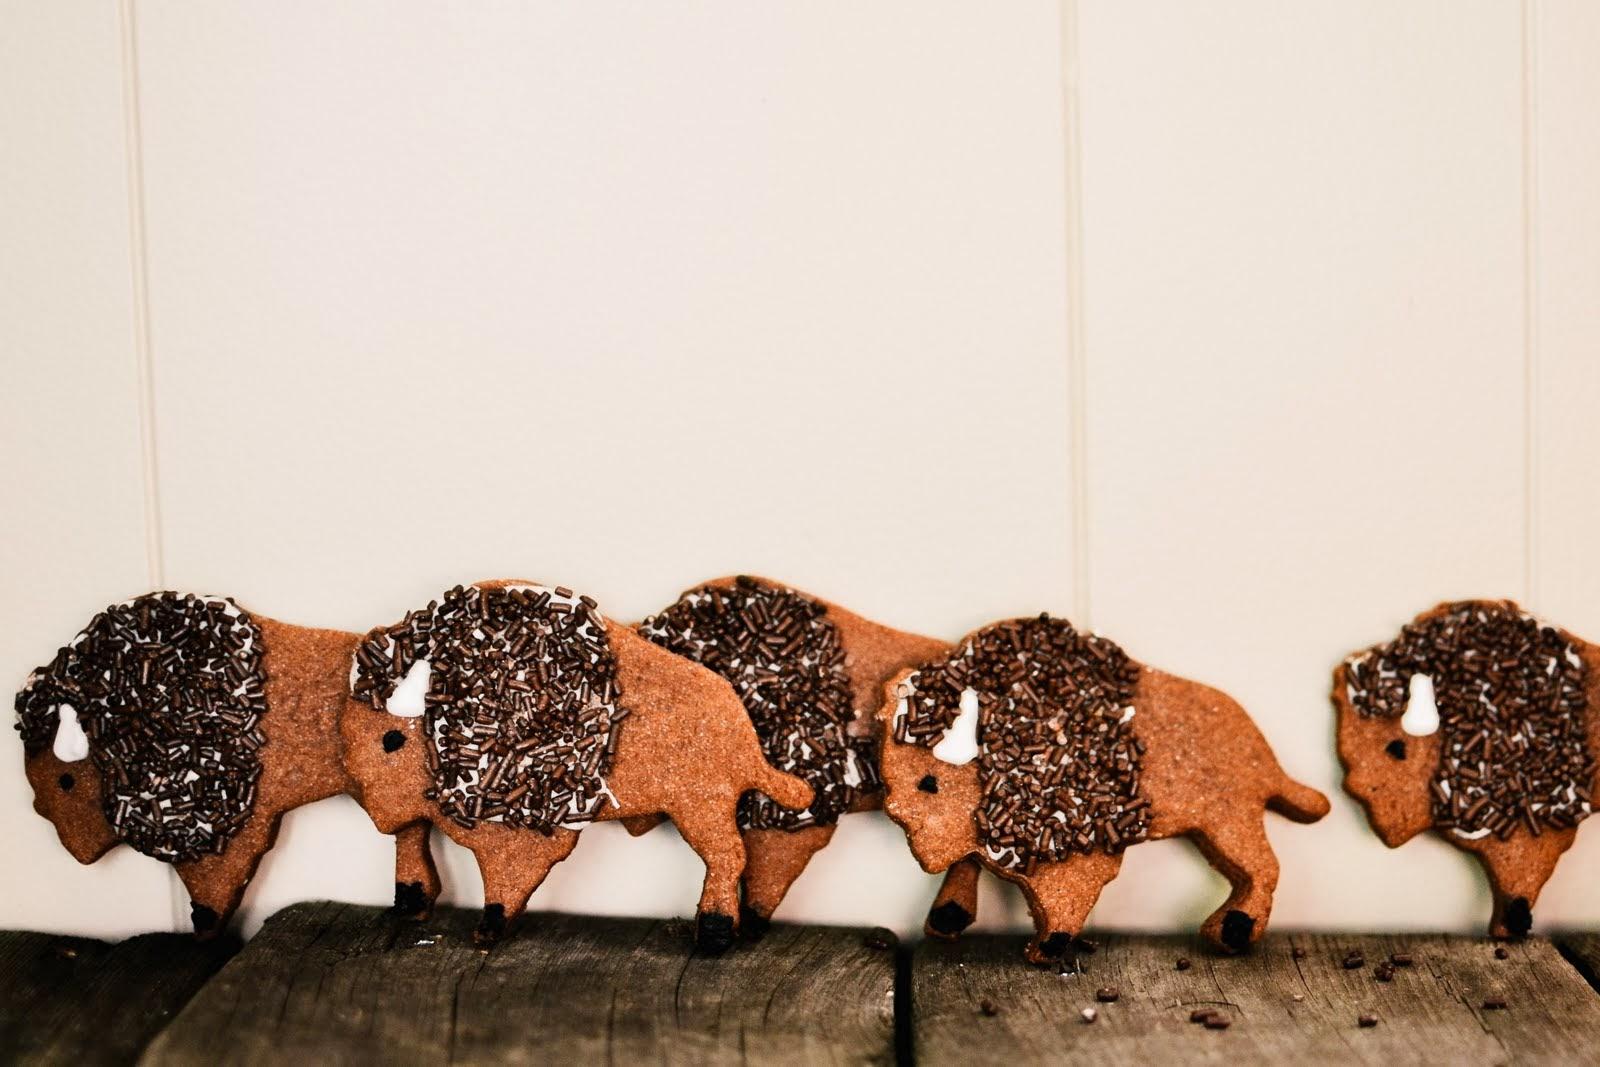 bison+cookies-1-2.jpg